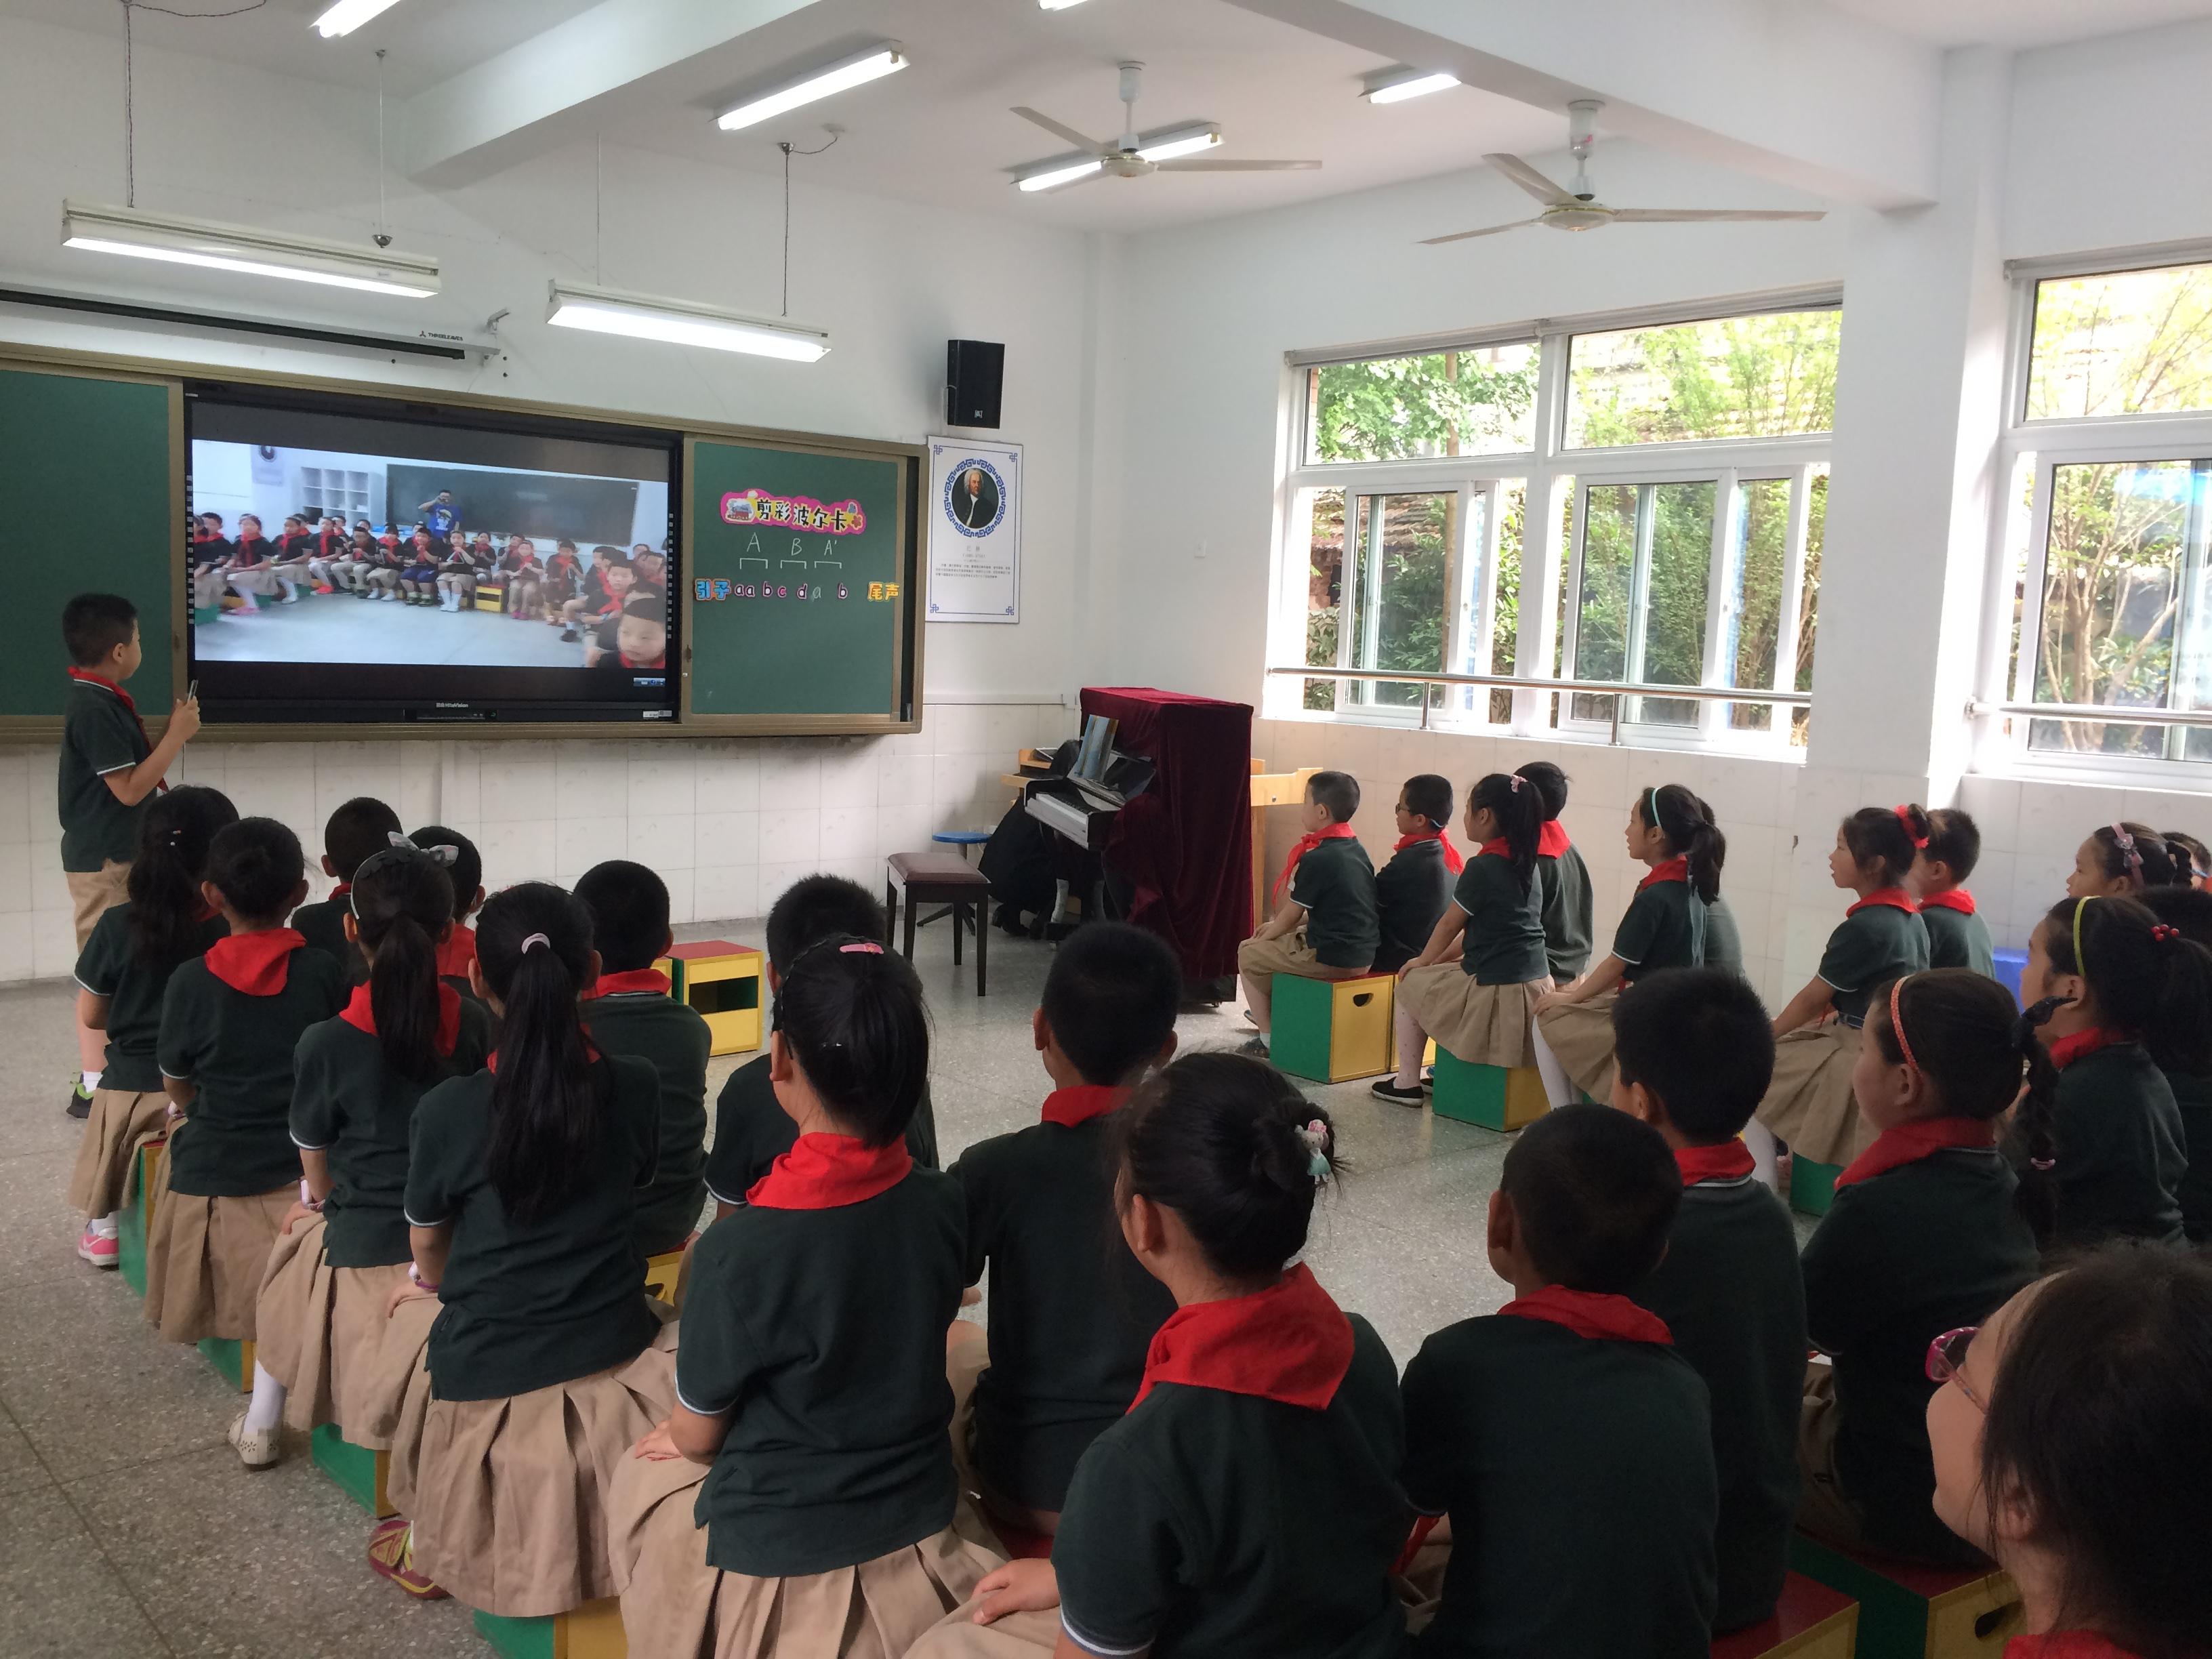 焦点智慧教室—视频投影.JPG